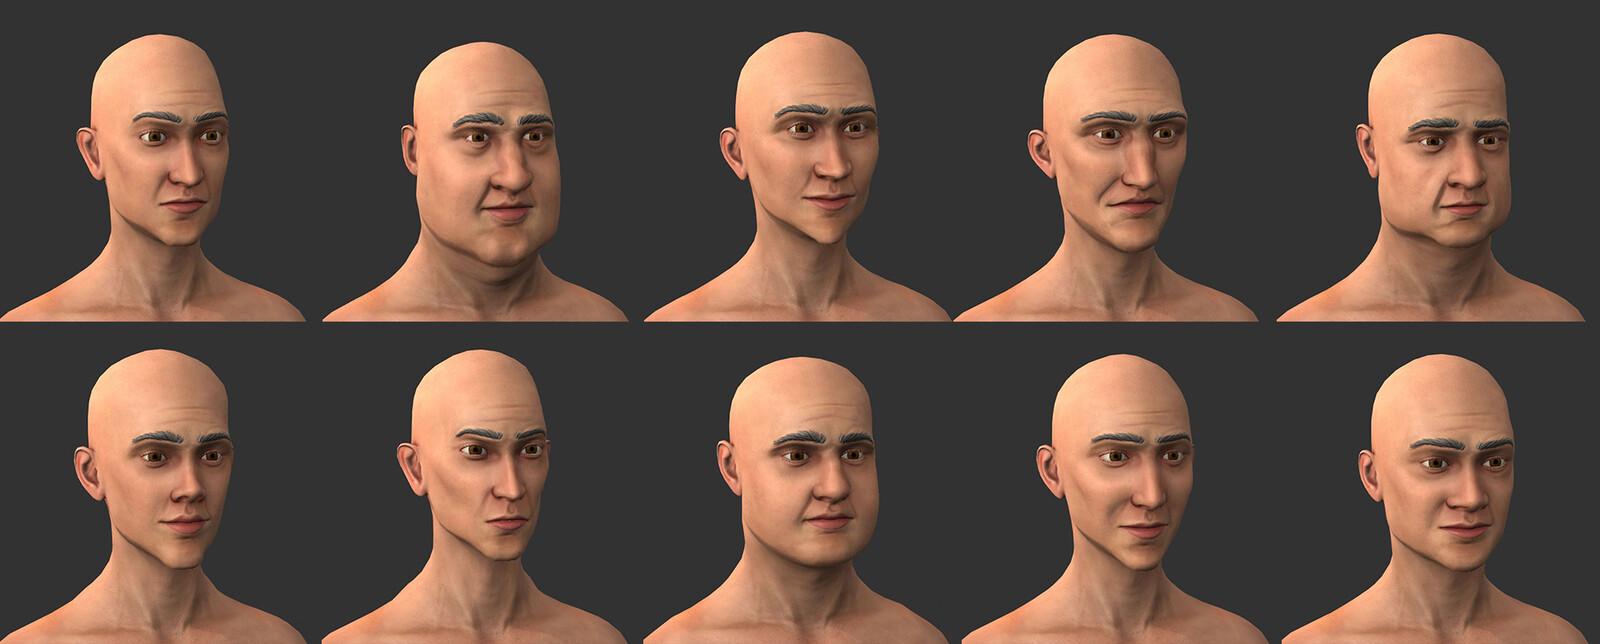 Man Head Variations